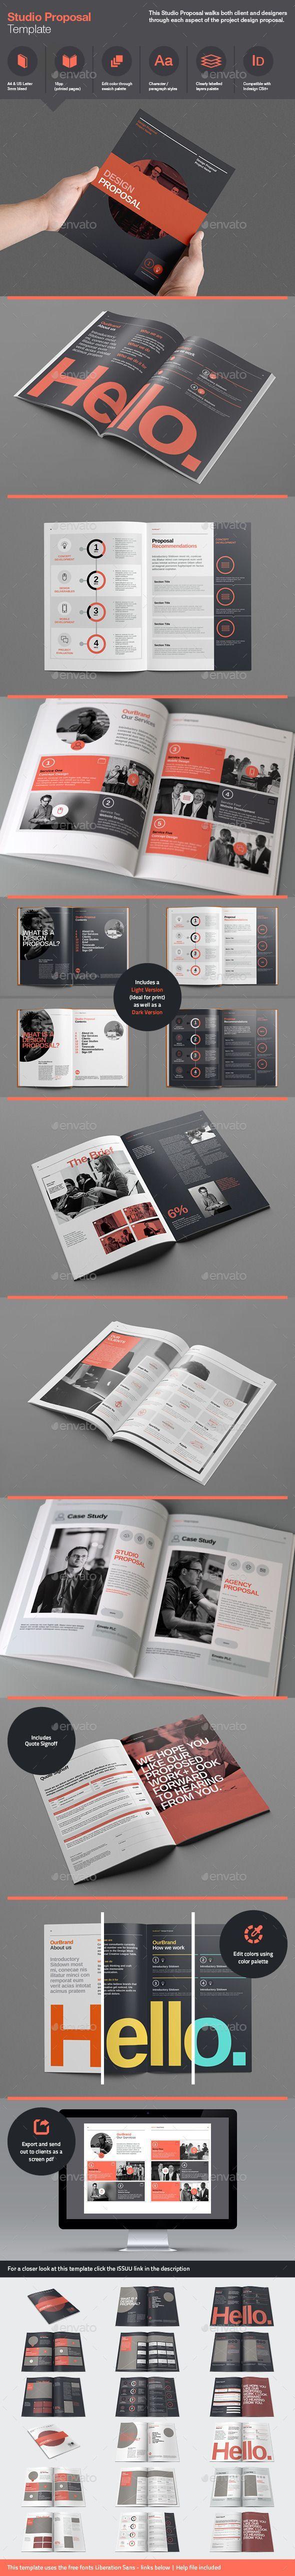 Studio Proposal Template, editorial design by RW Design Studio, via GraphicRiver.